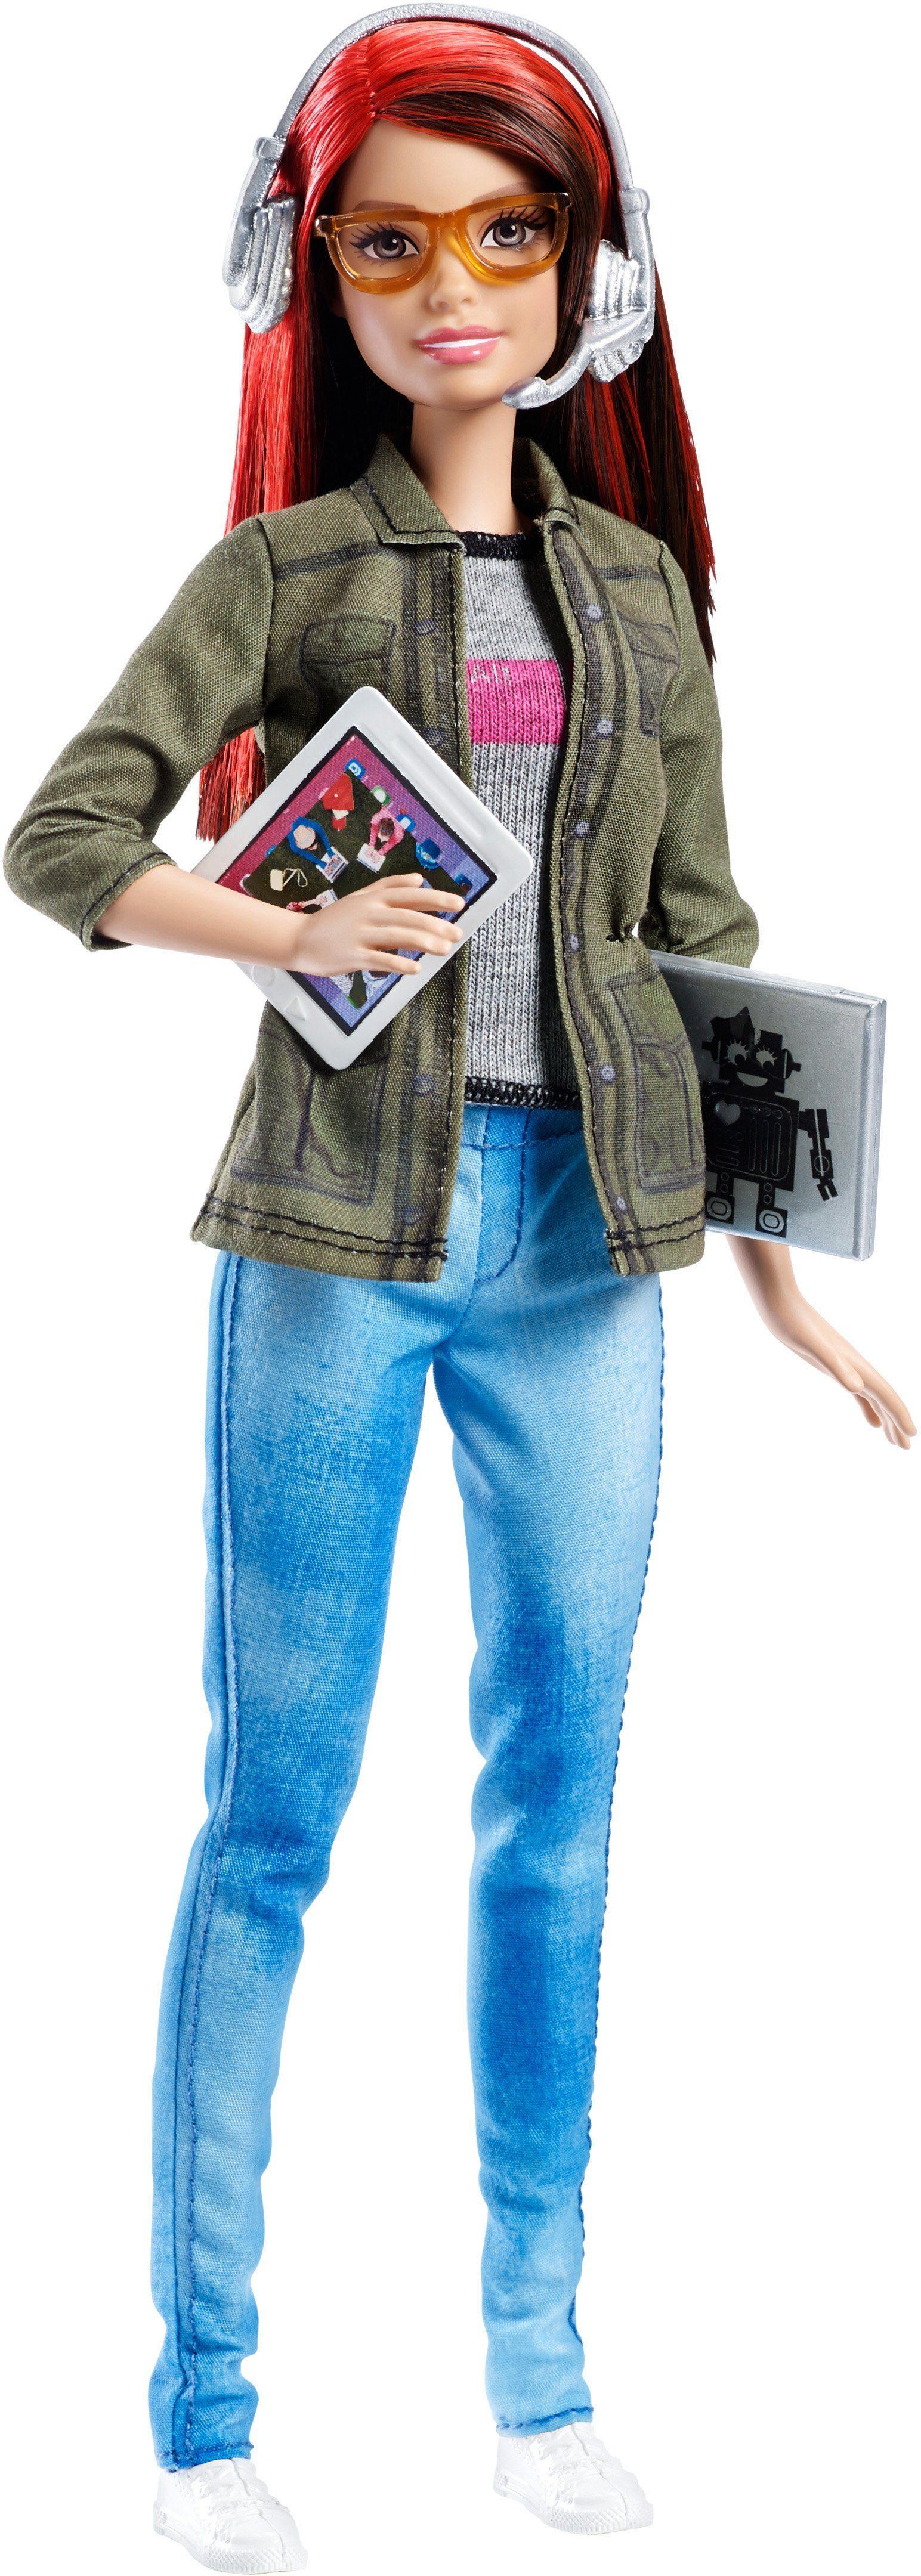 Mattel Puppe mit Technikset, »Barbie Spieleentwicklerin«